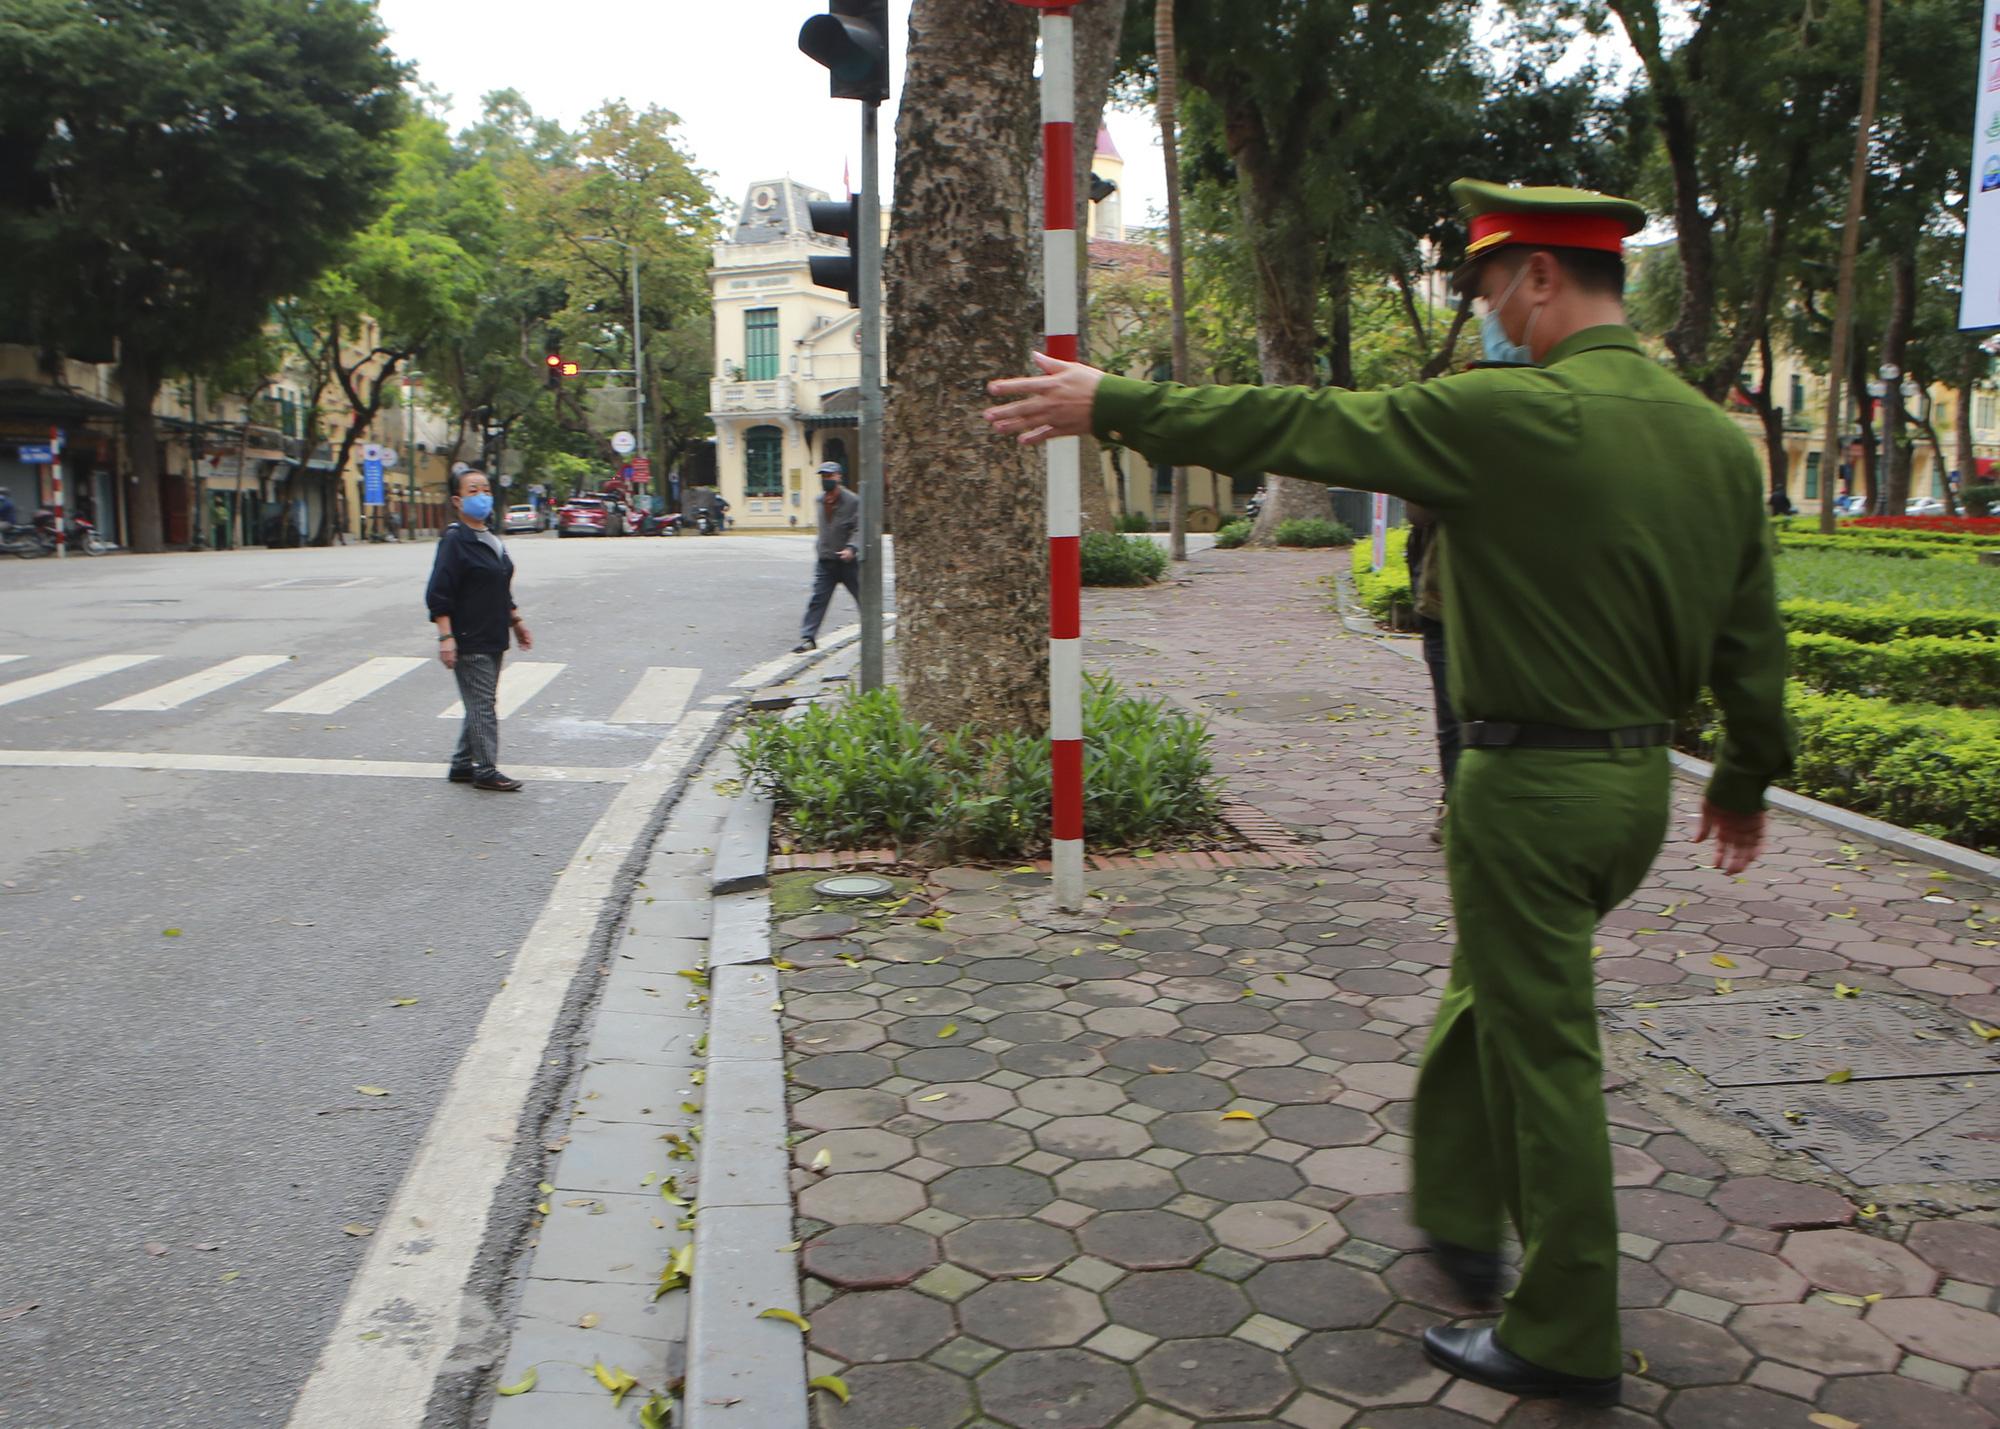 Hà Nội: Hàng trăm người dân đi tập thể dục bị nhắc nhở quay về nhà - Ảnh 7.